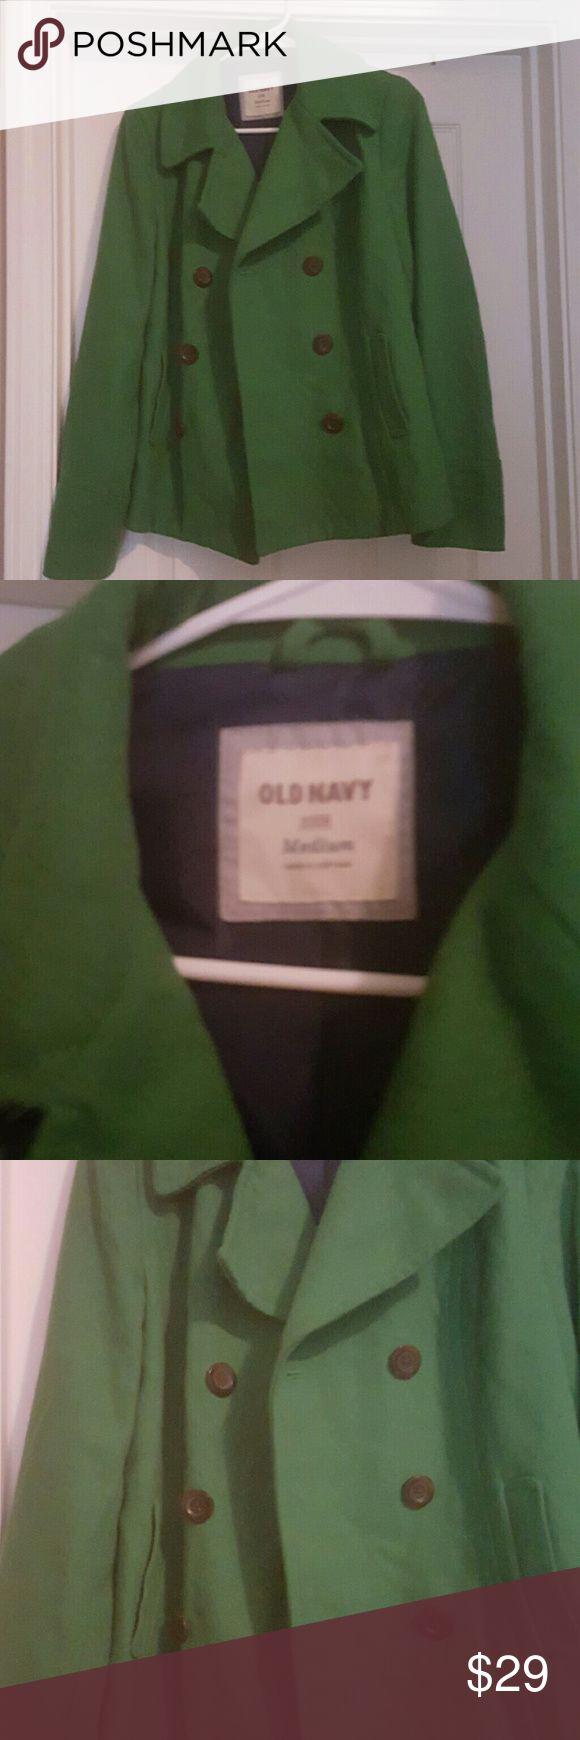 🔥Old Navy🔥 Green Old Navy Pea Coat Old Navy Jackets & Coats Pea Coats